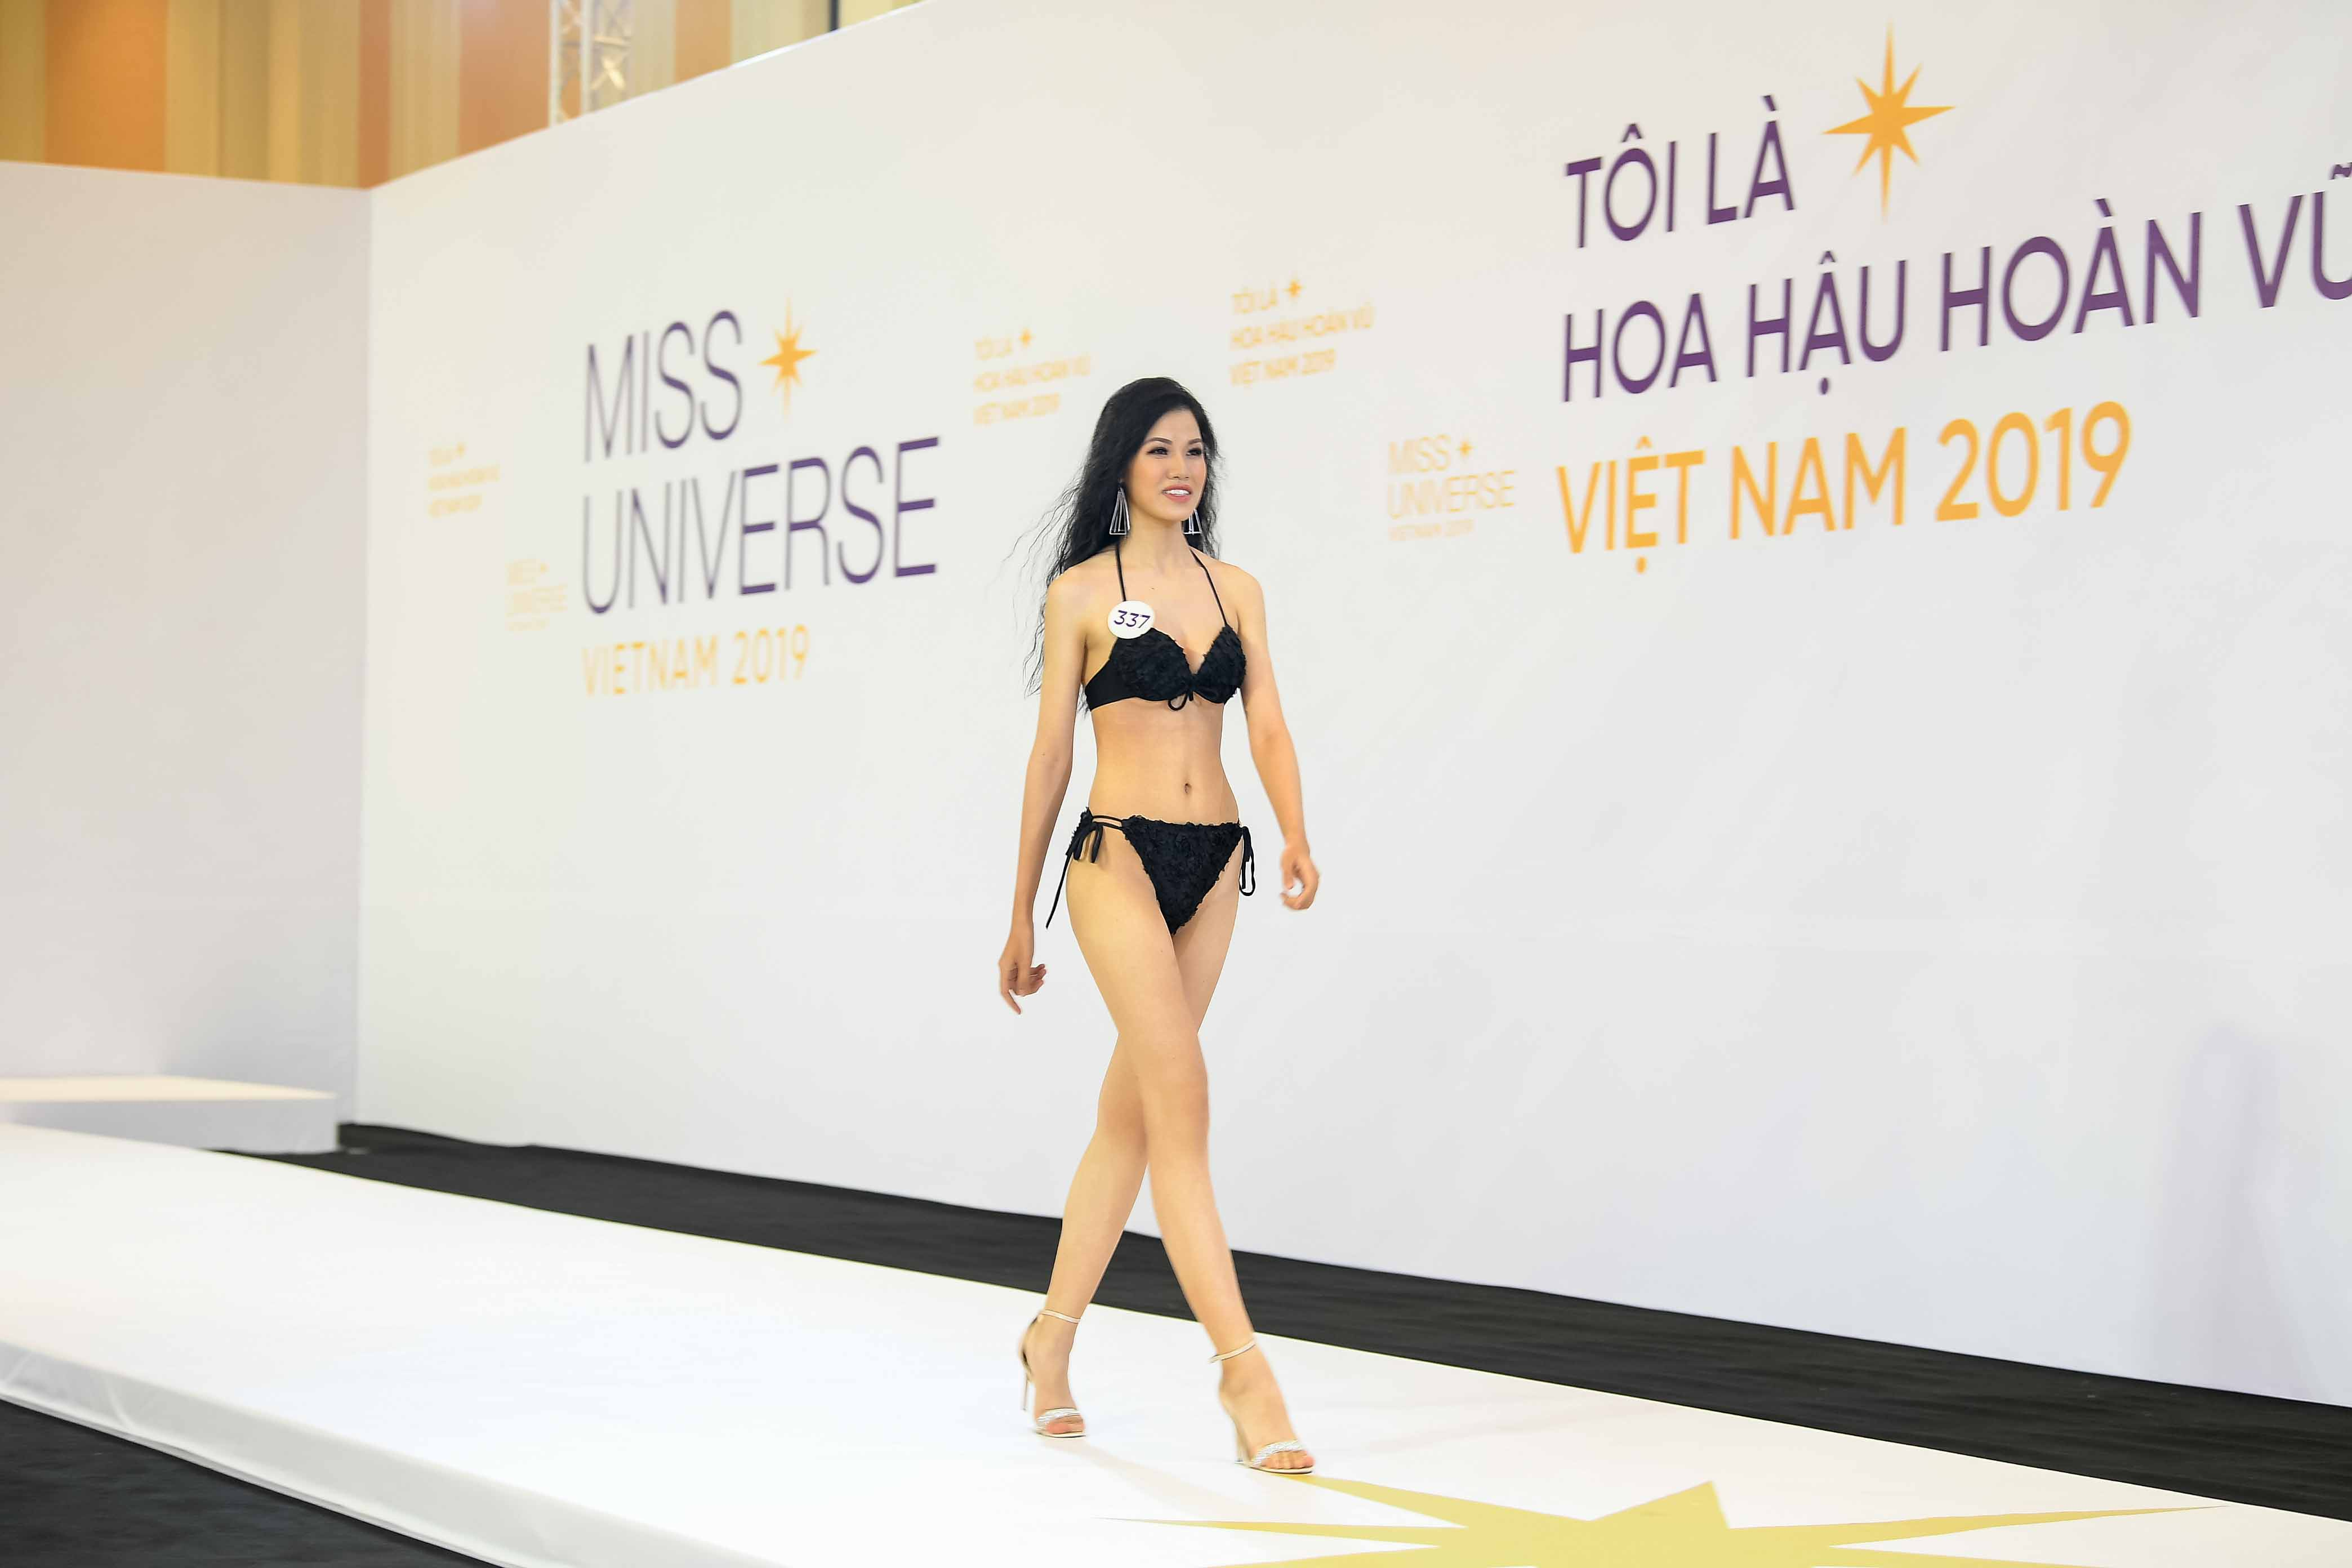 Phan thi trinh dien bikini (11)